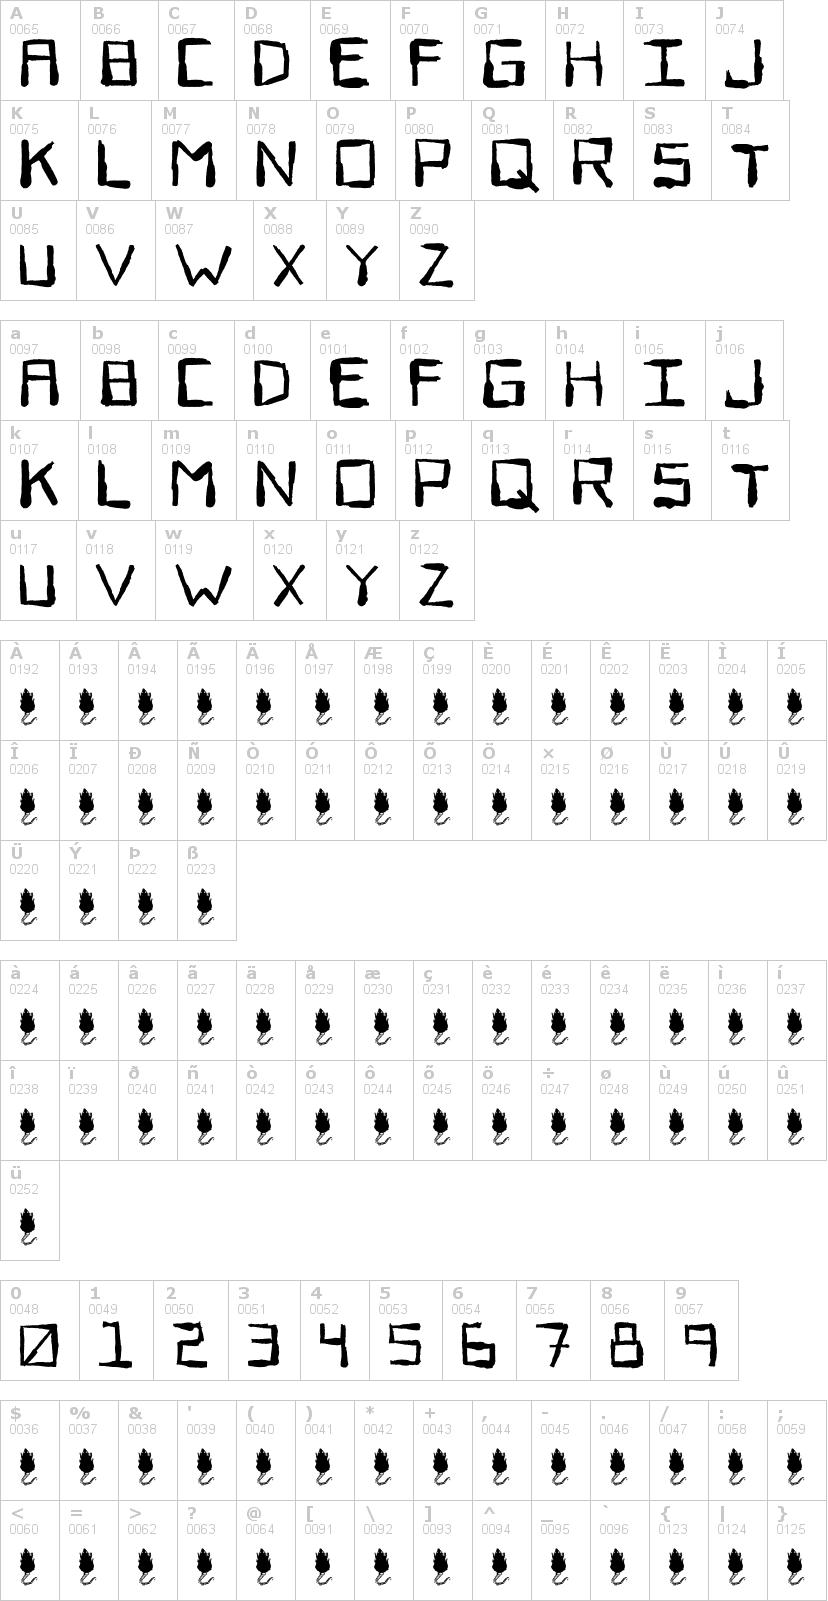 Lettere dell'alfabeto del font sewer-rat con le quali è possibile realizzare adesivi prespaziati